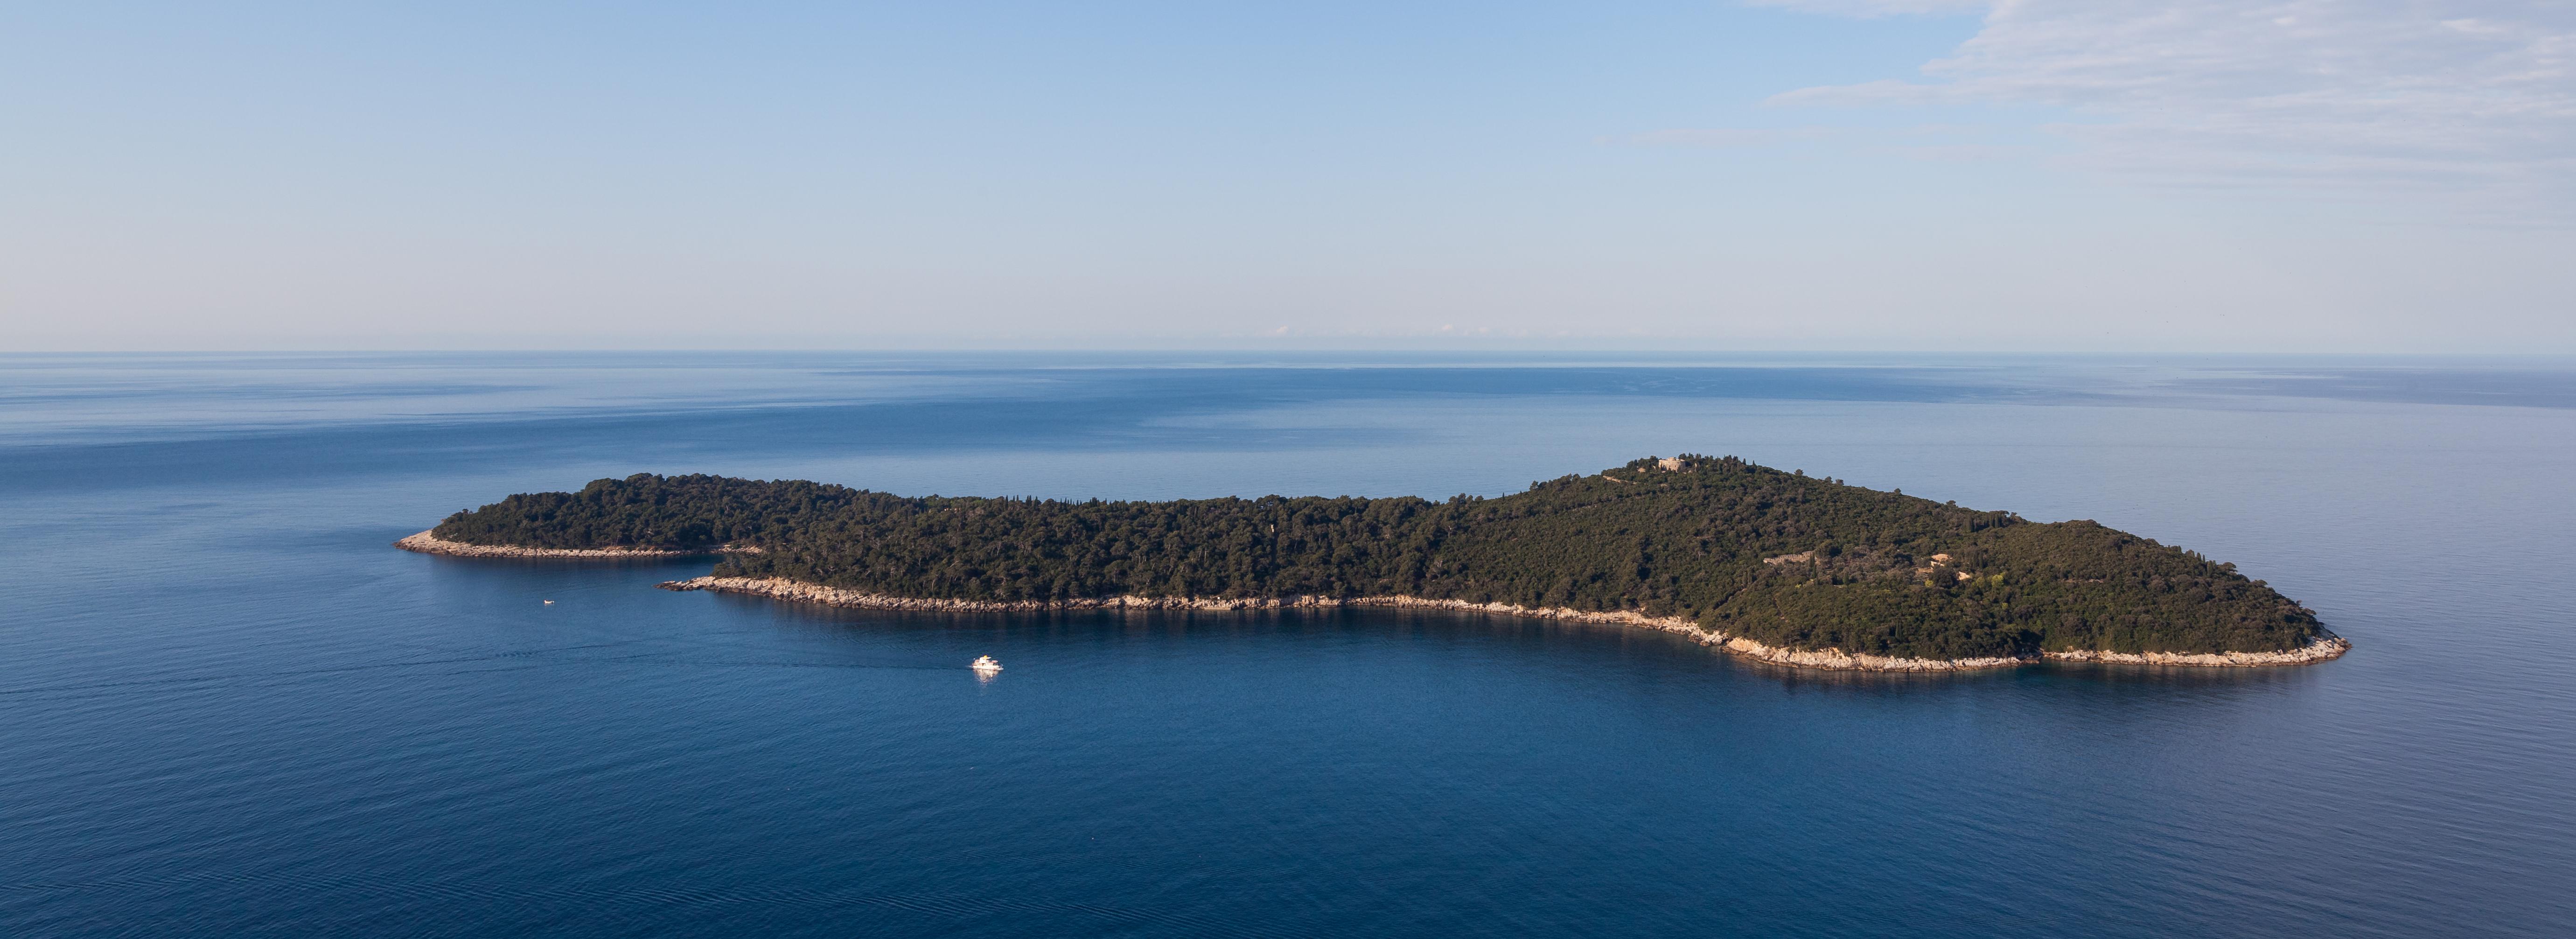 Cosa vedere a Ragusa (Croazia): top 10